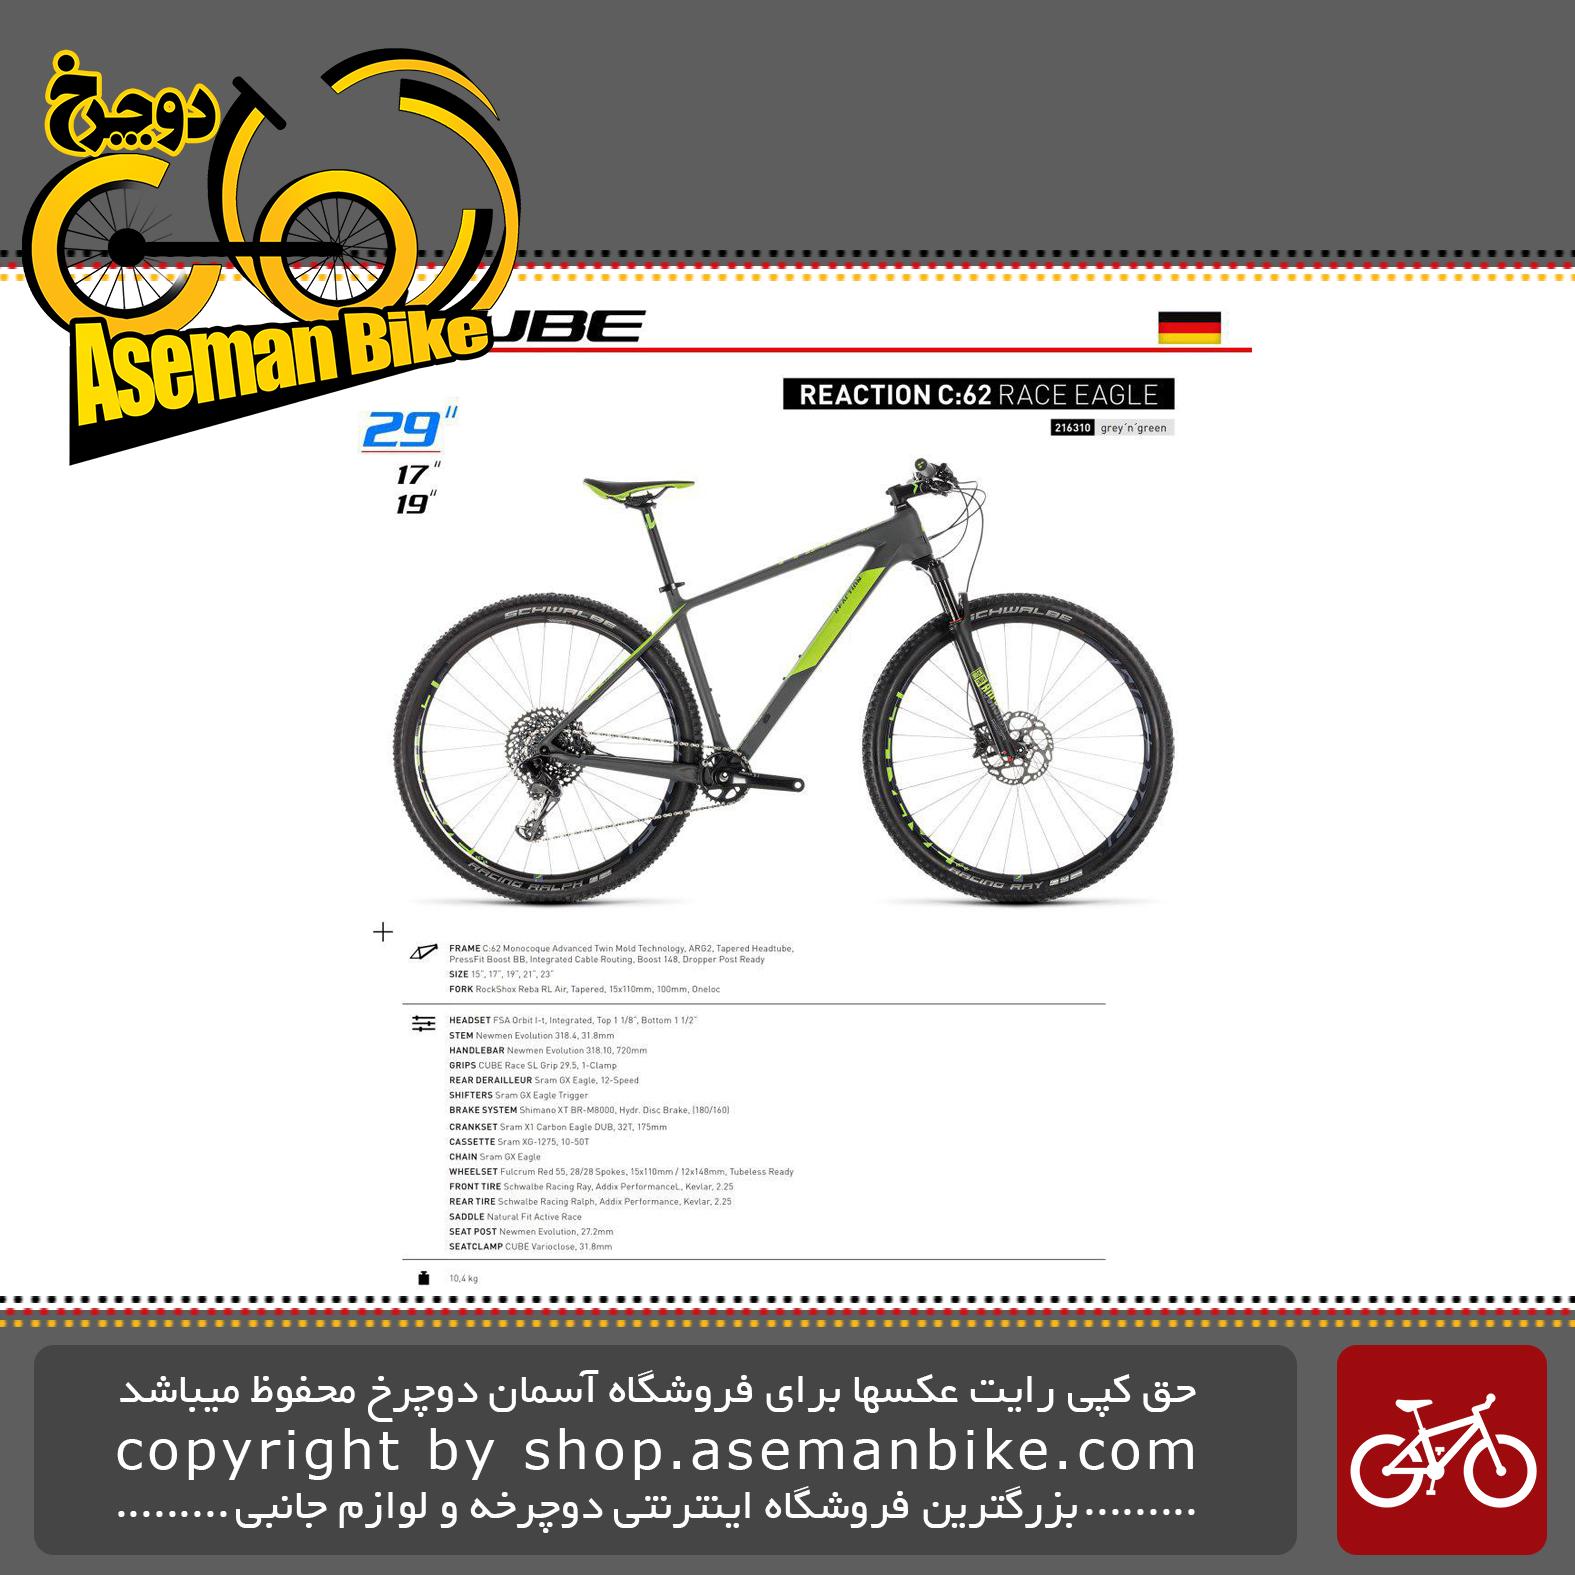 دوچرخه کوهستان کیوب مدل ری اکشن سی 62 ریس ایگل 29 2019 Cube Mountain Bicycle Reaction C:62 Race Eagle 29 2019